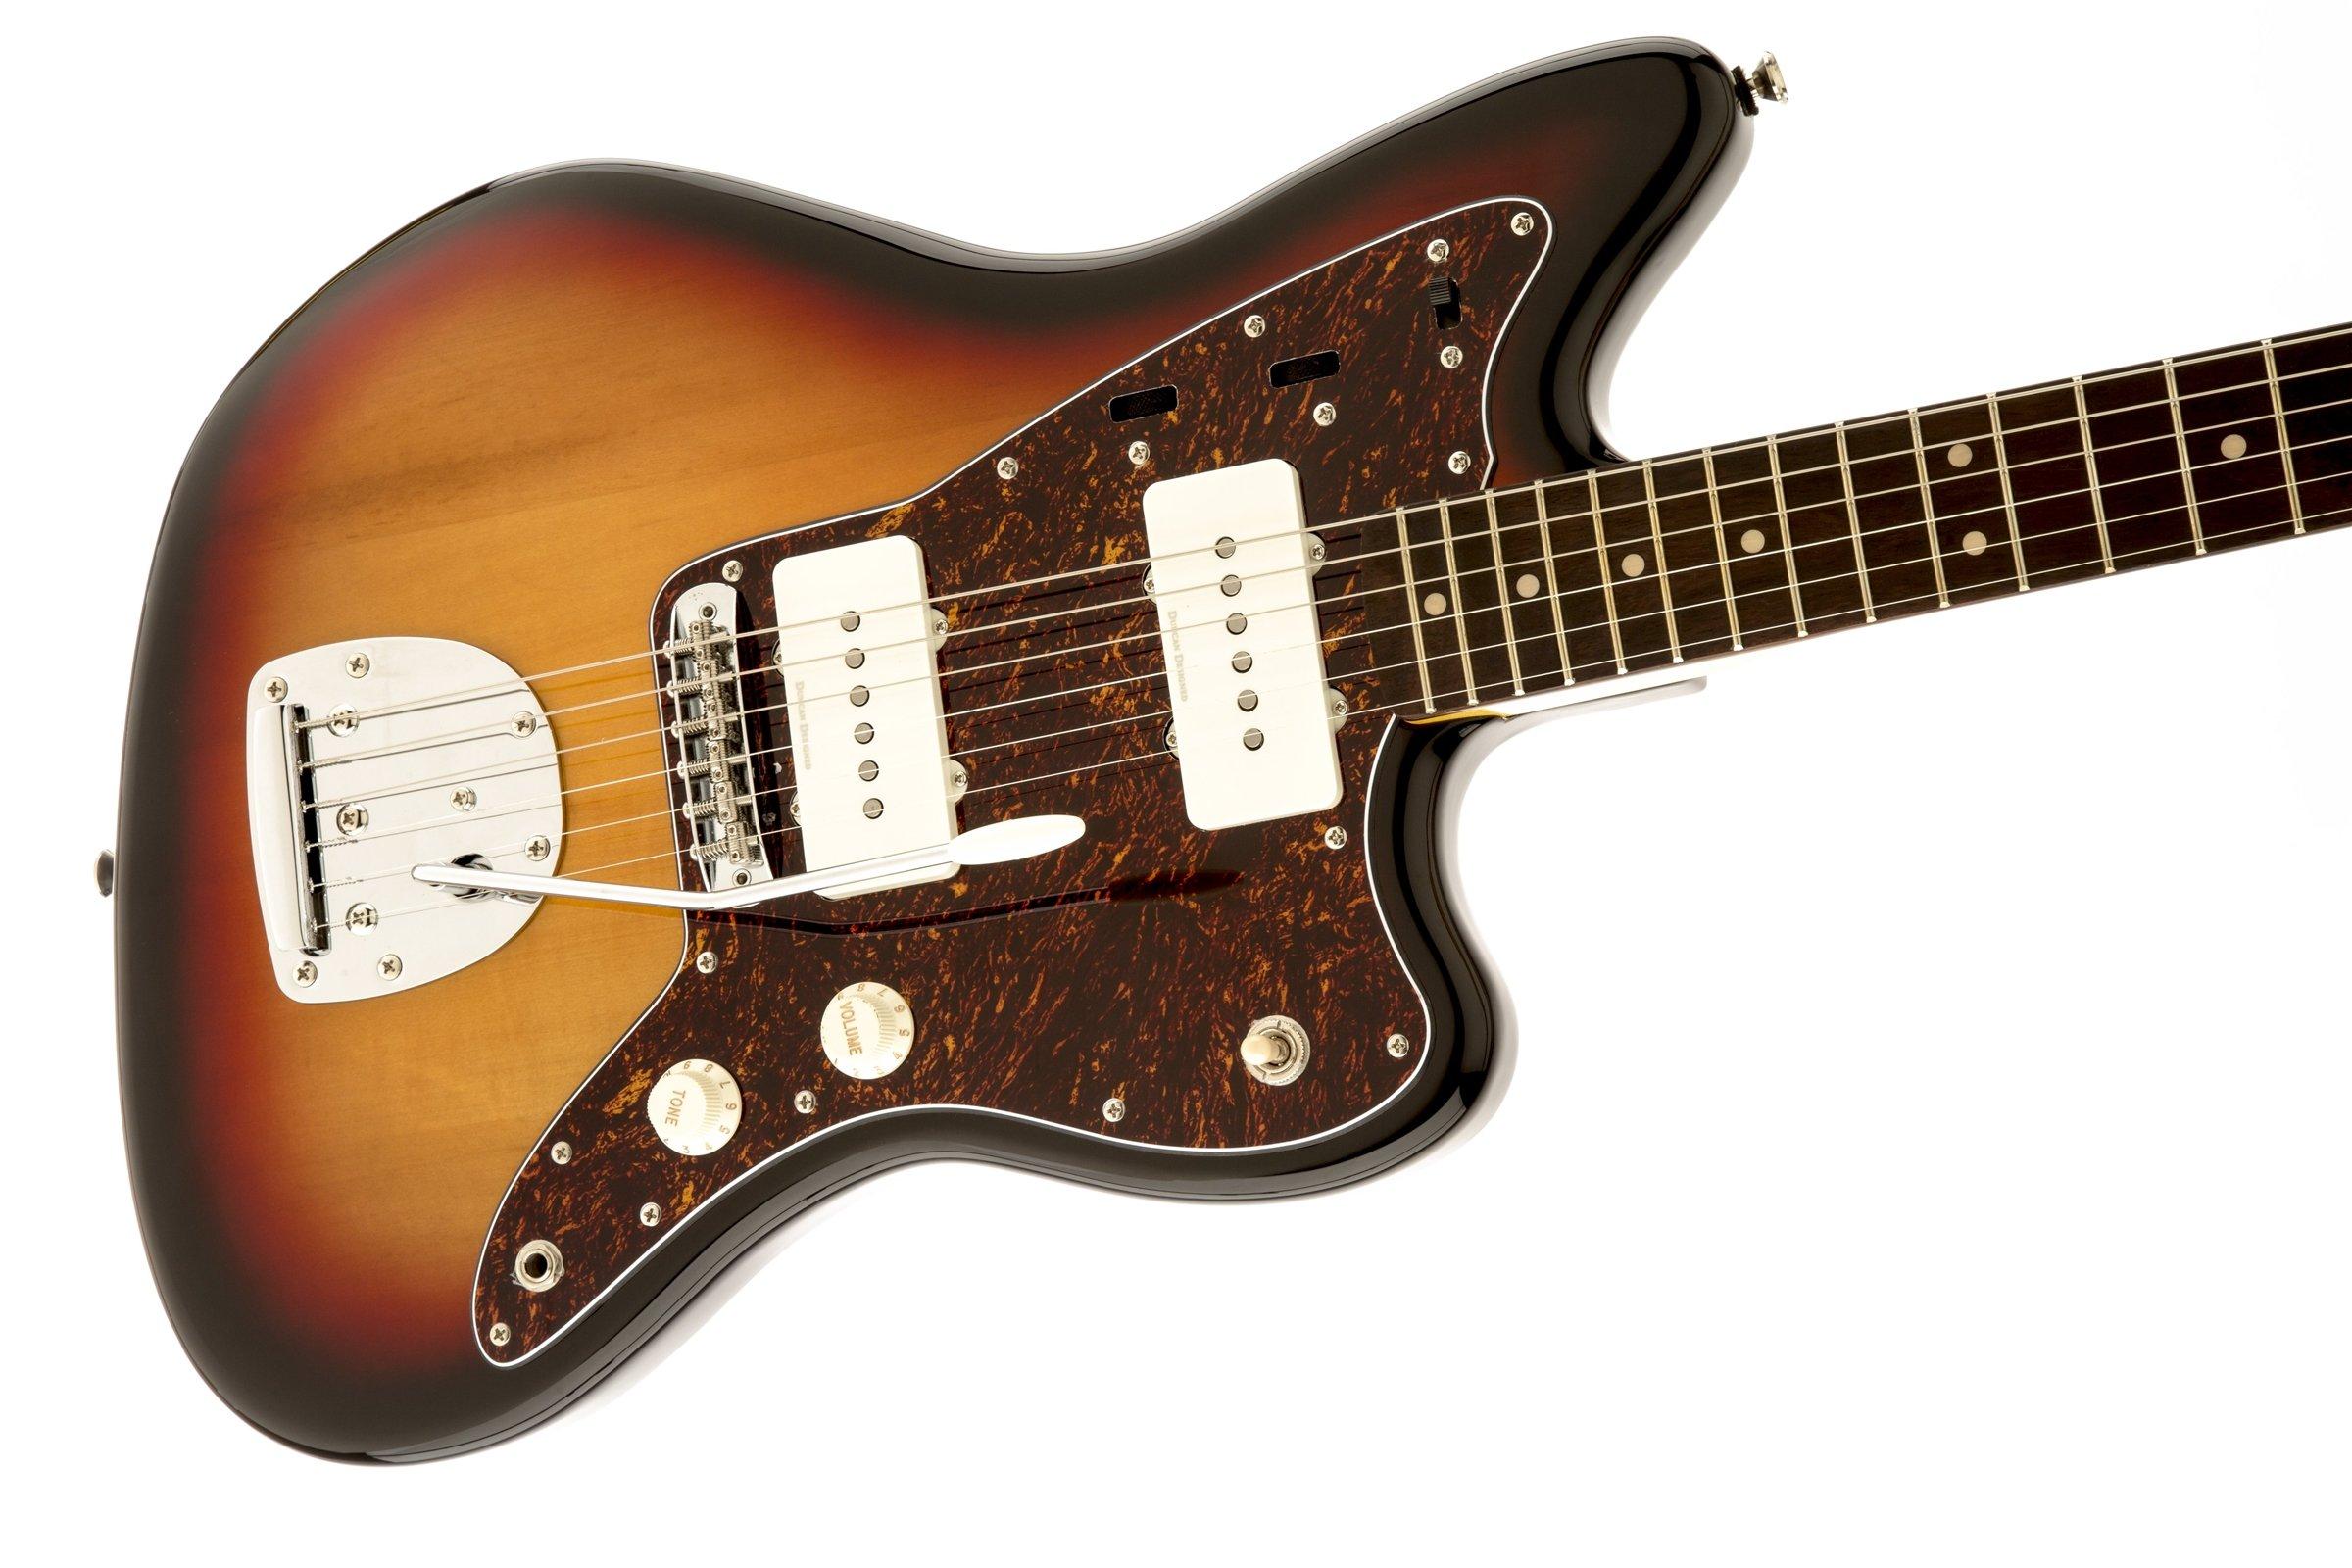 squier by fender vintage modified jazzmaster electric guitar 3 color sunburst guitar affinity. Black Bedroom Furniture Sets. Home Design Ideas